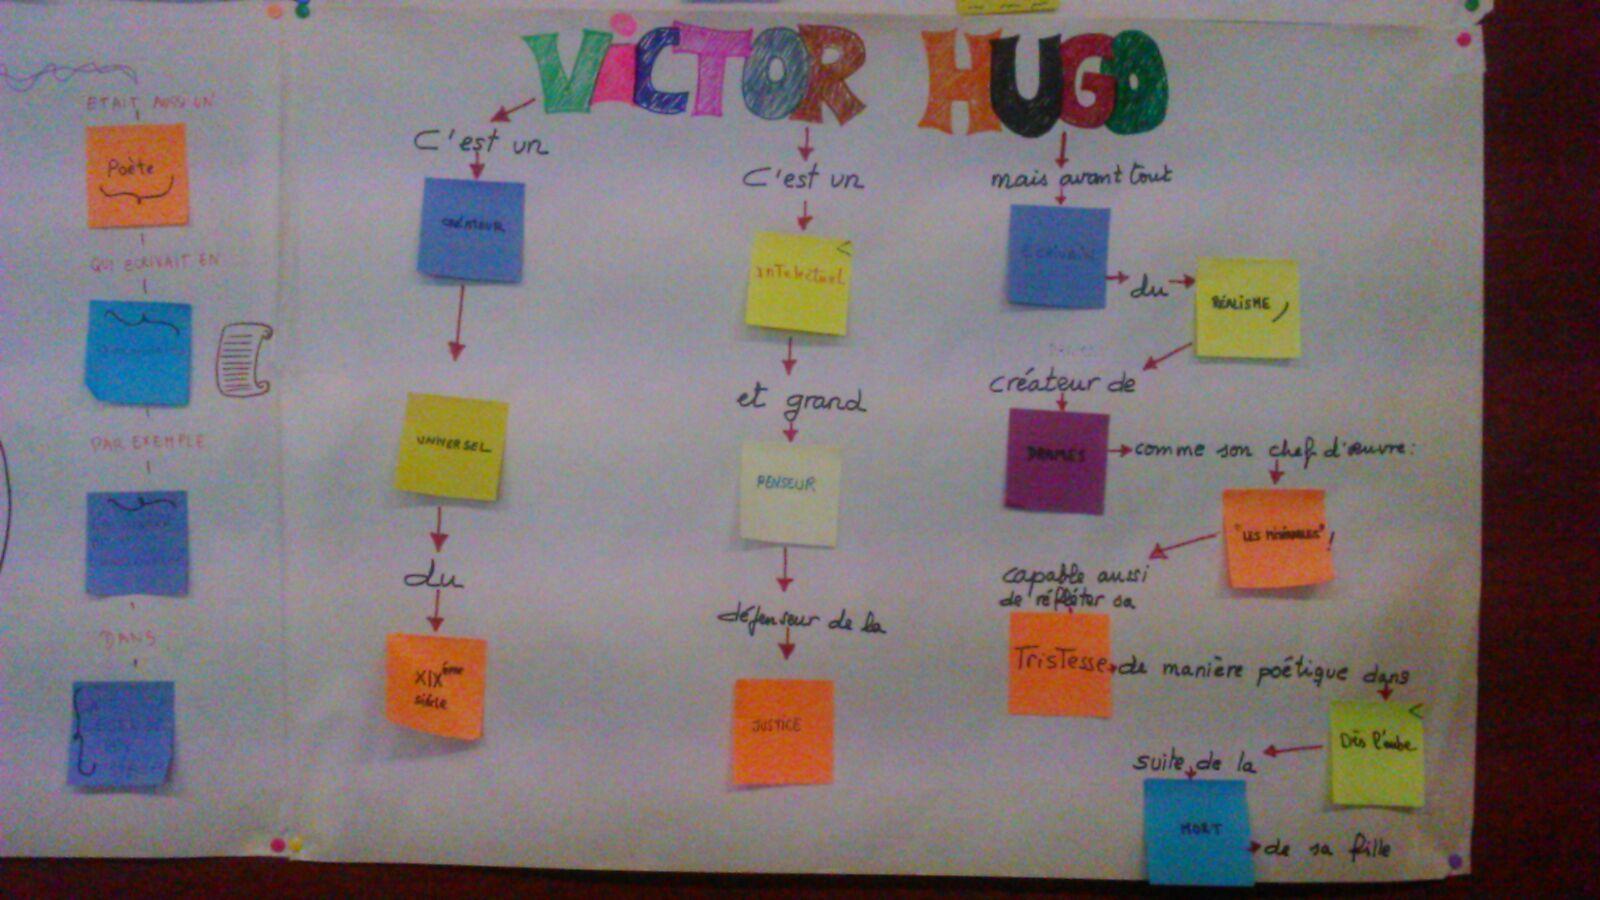 Carte conceptuelle Victor Hugo 3